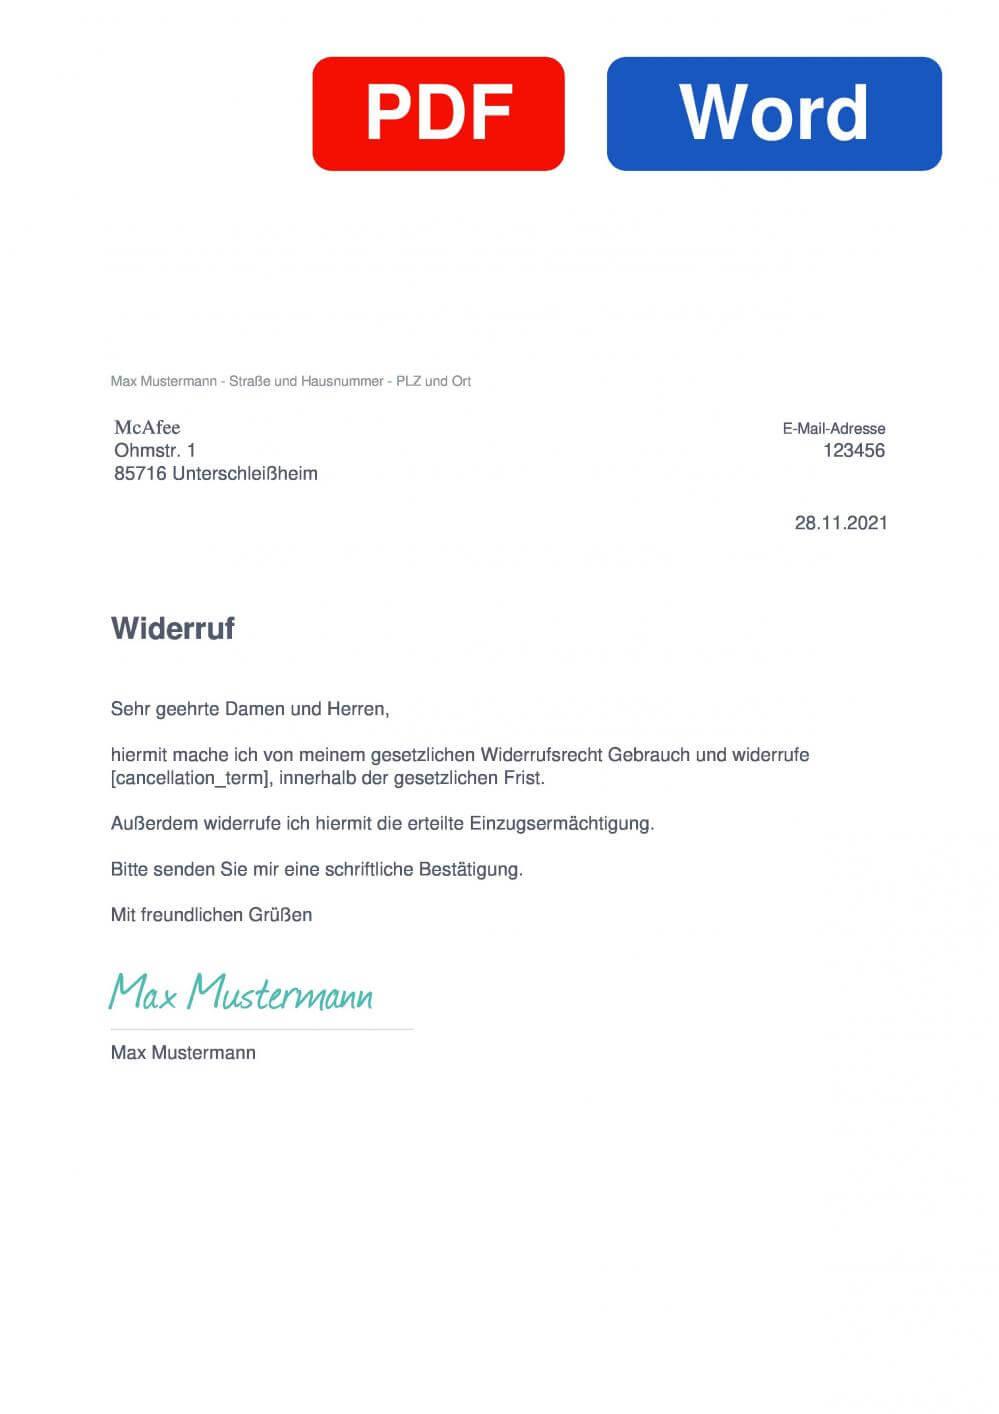 McAfee Muster Vorlage für Wiederrufsschreiben